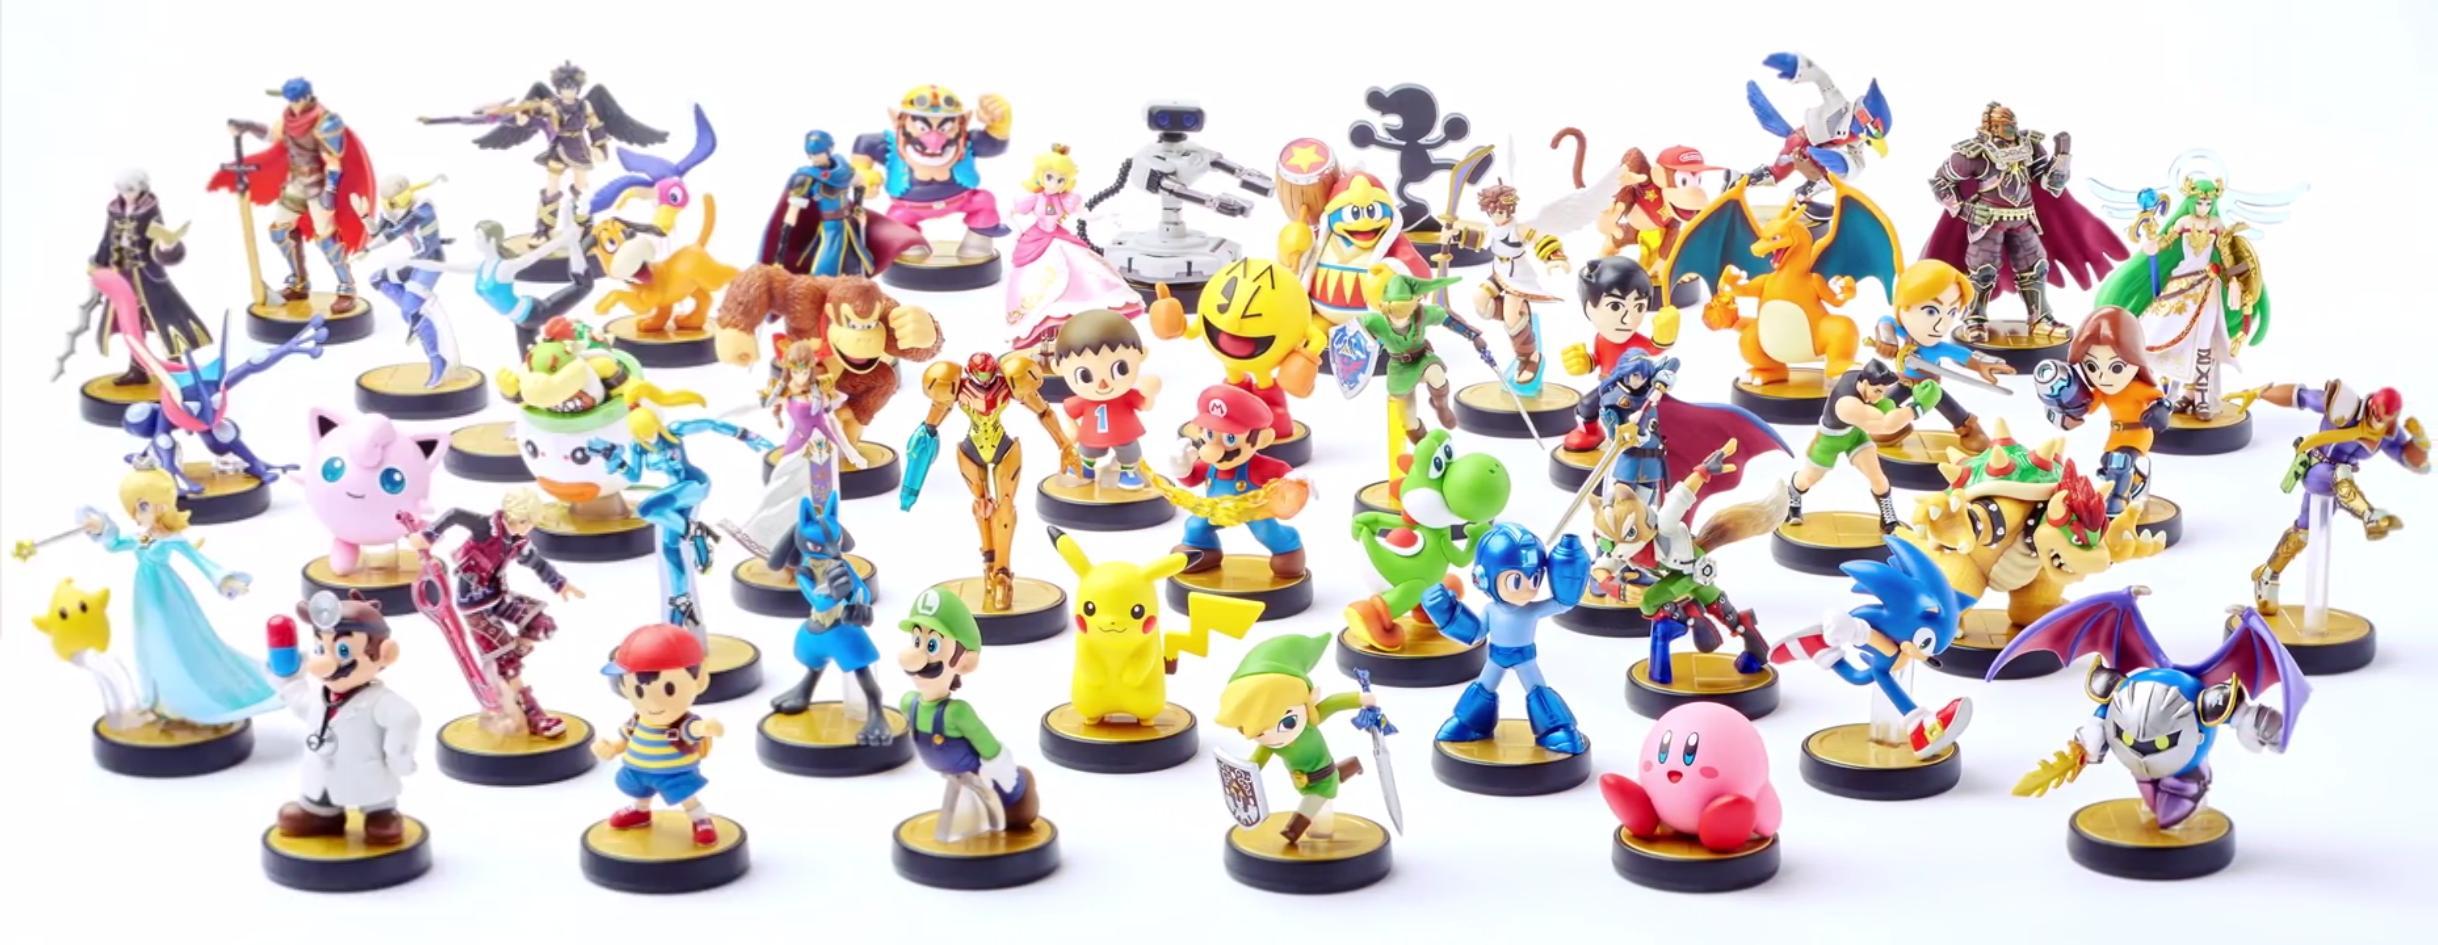 Пластиковые куколки персонажей Nintendo популярнее видеоигр компании - Изображение 2